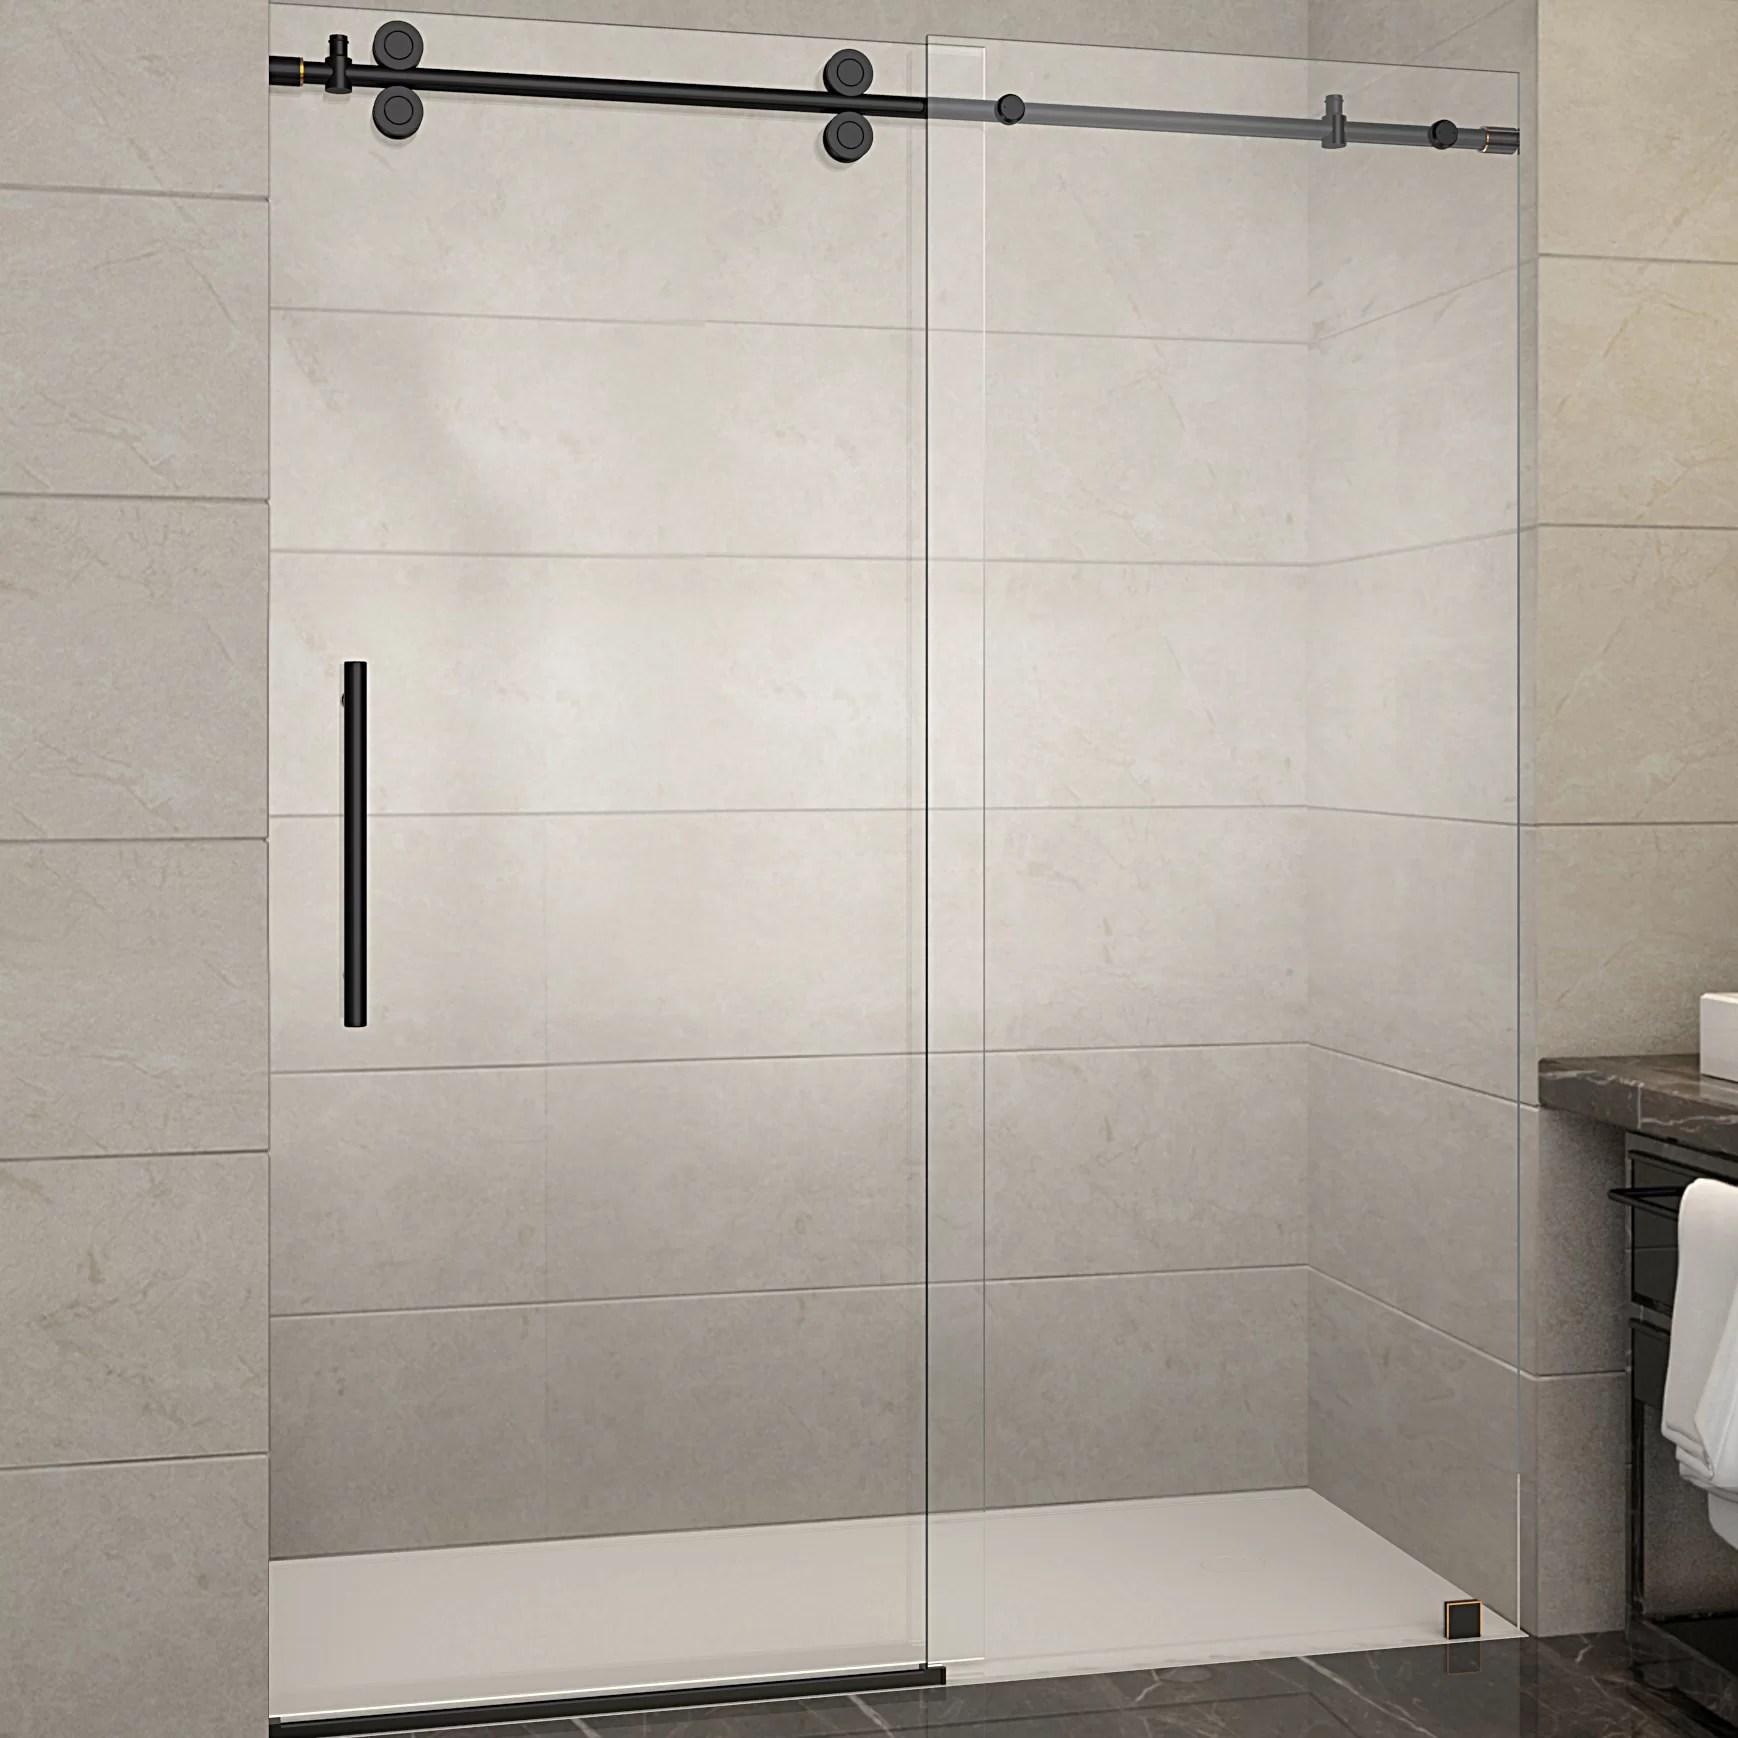 Aston Langham 60 X 75 Single Sliding Frameless Shower Door